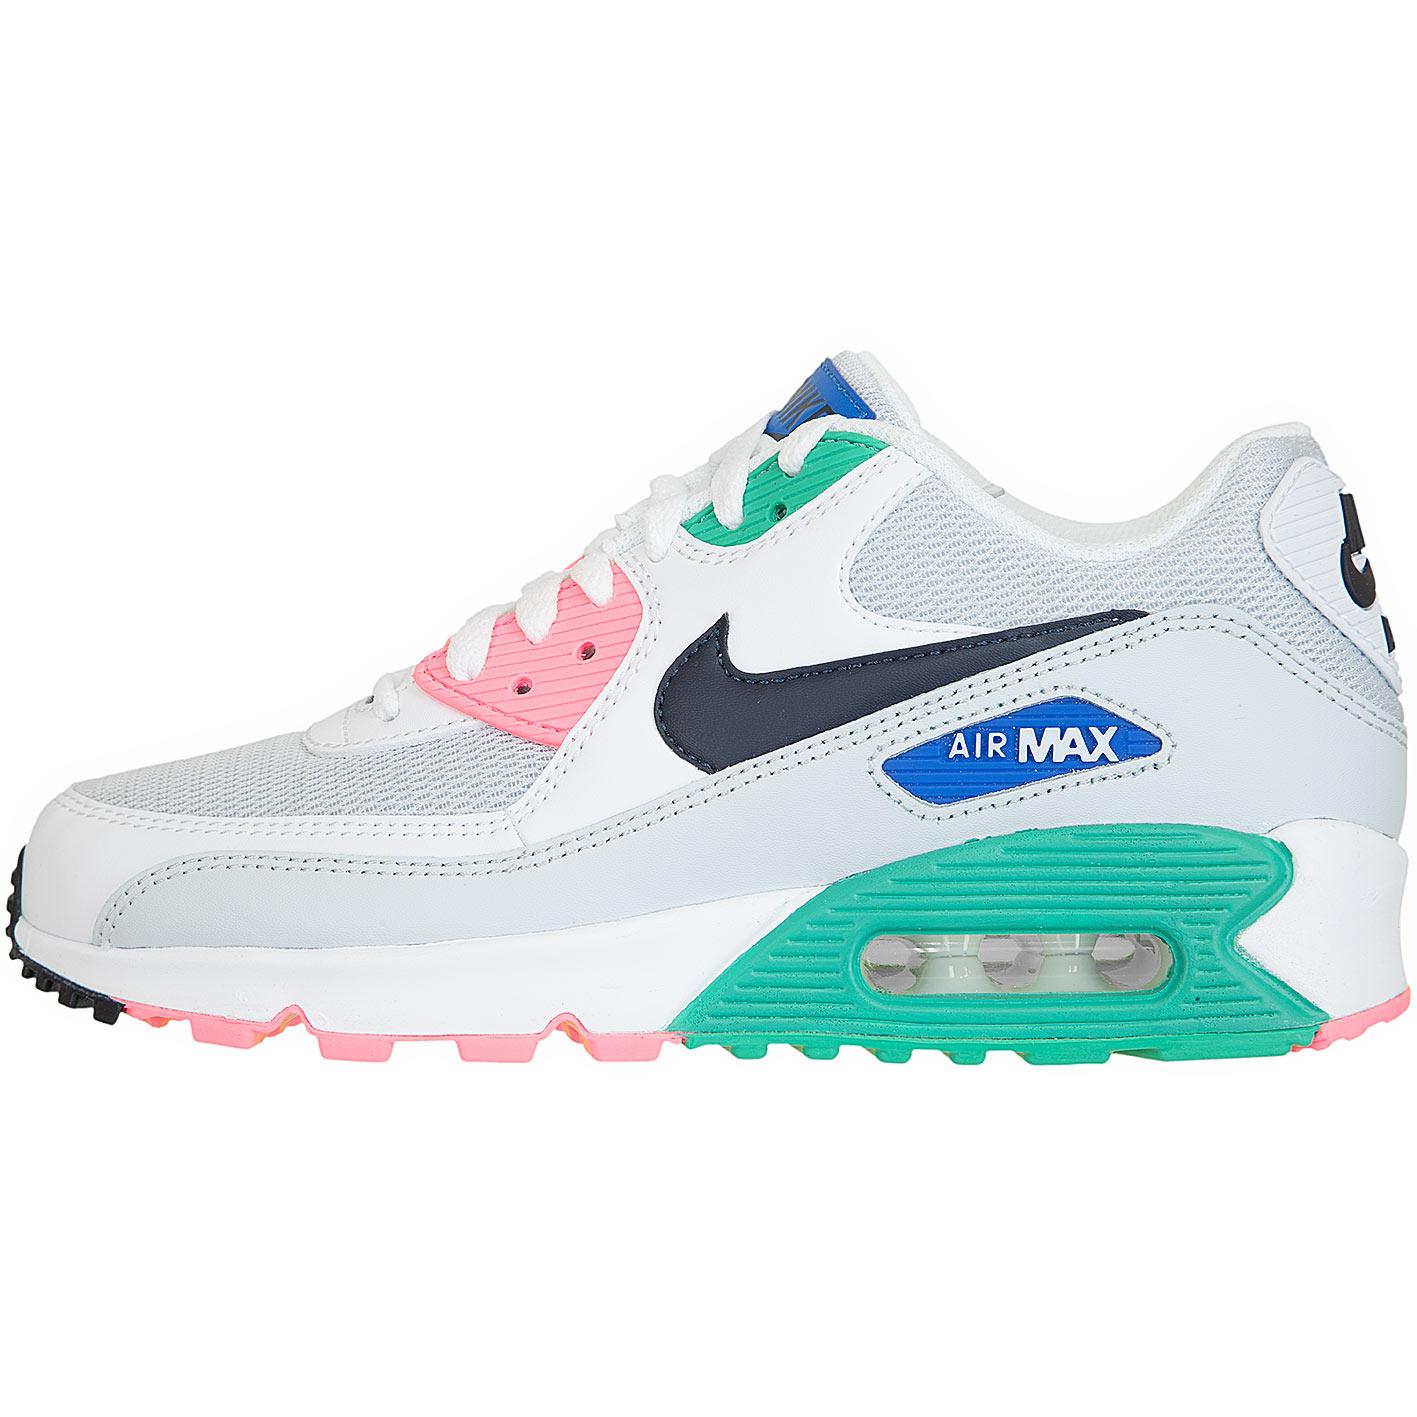 b309db2e56 ☆ Nike Damen Sneaker Air Max 90 Essential weiß/pink/grün - hier ...